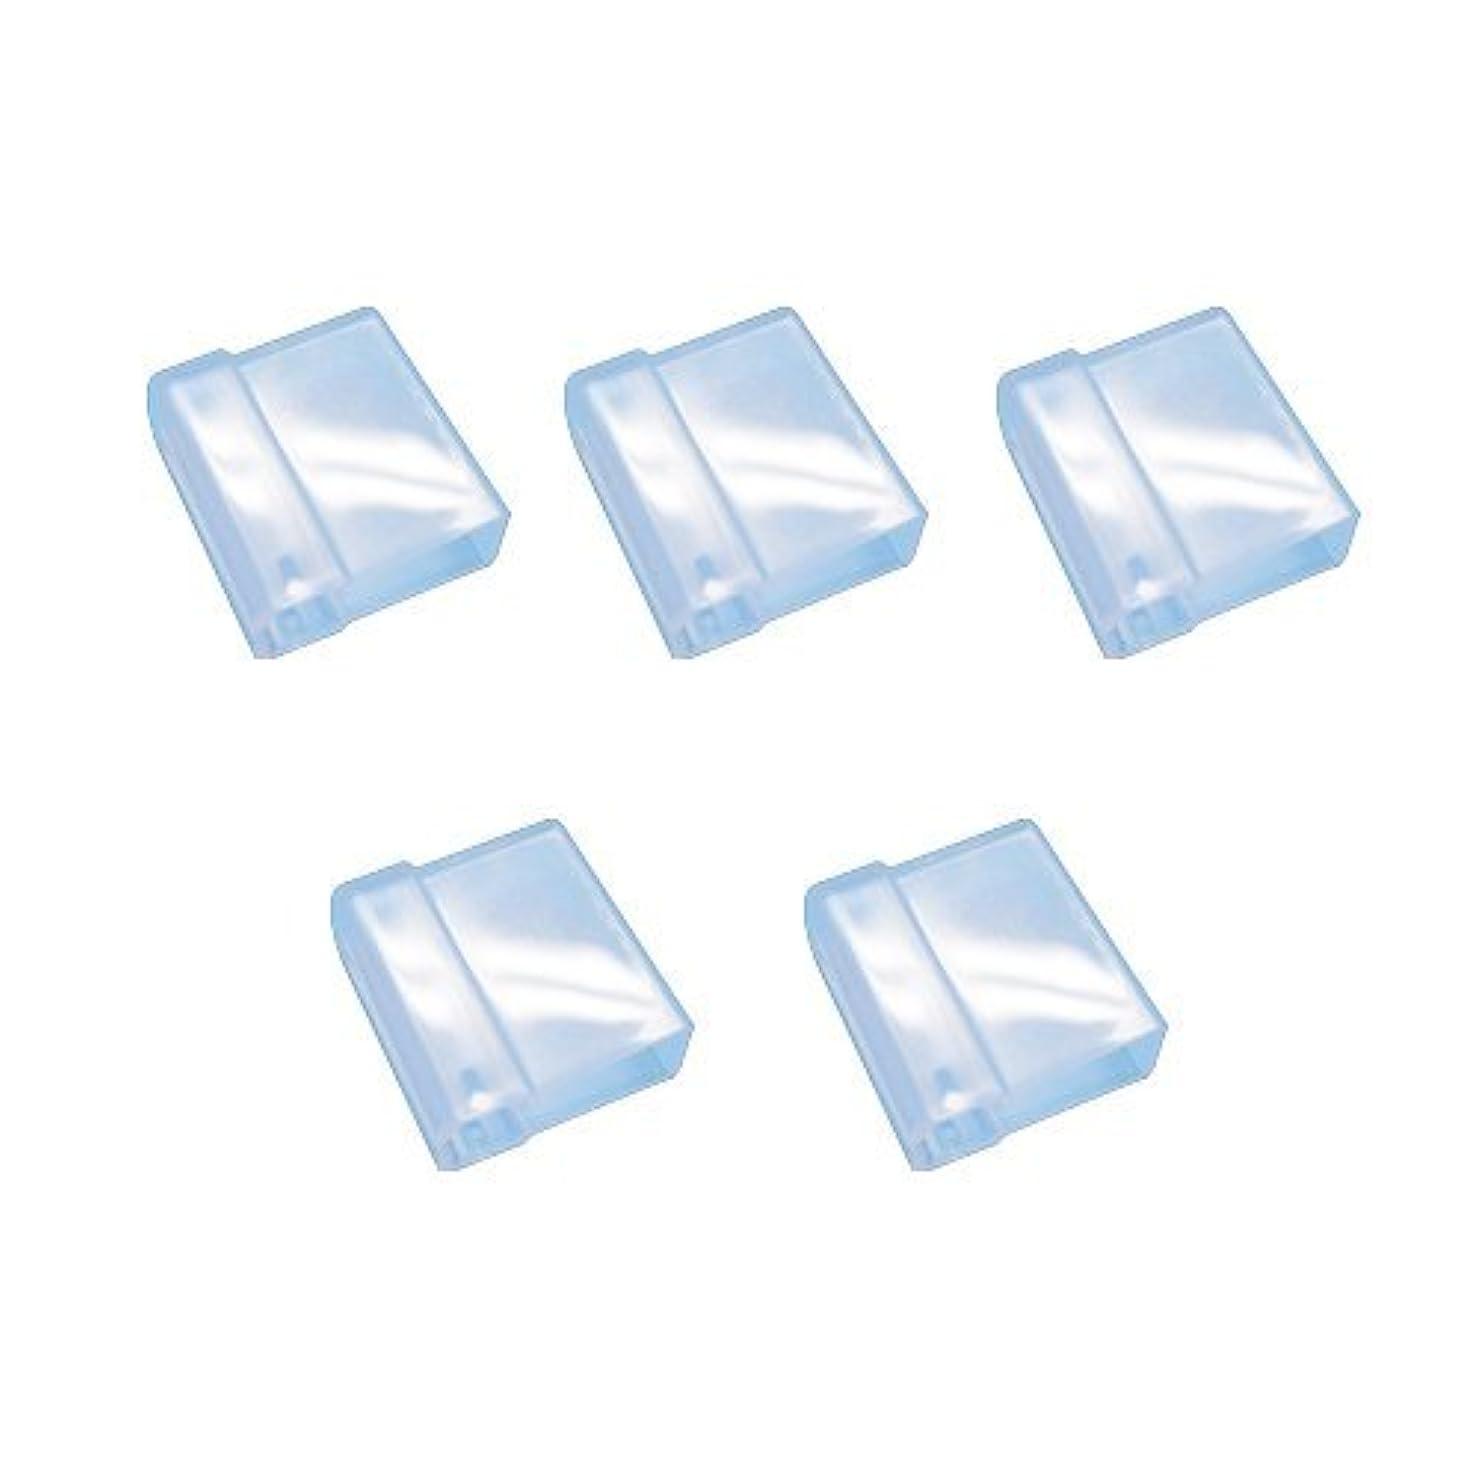 文バトル溶融タフト24専用 スライド式キャップ 5個入